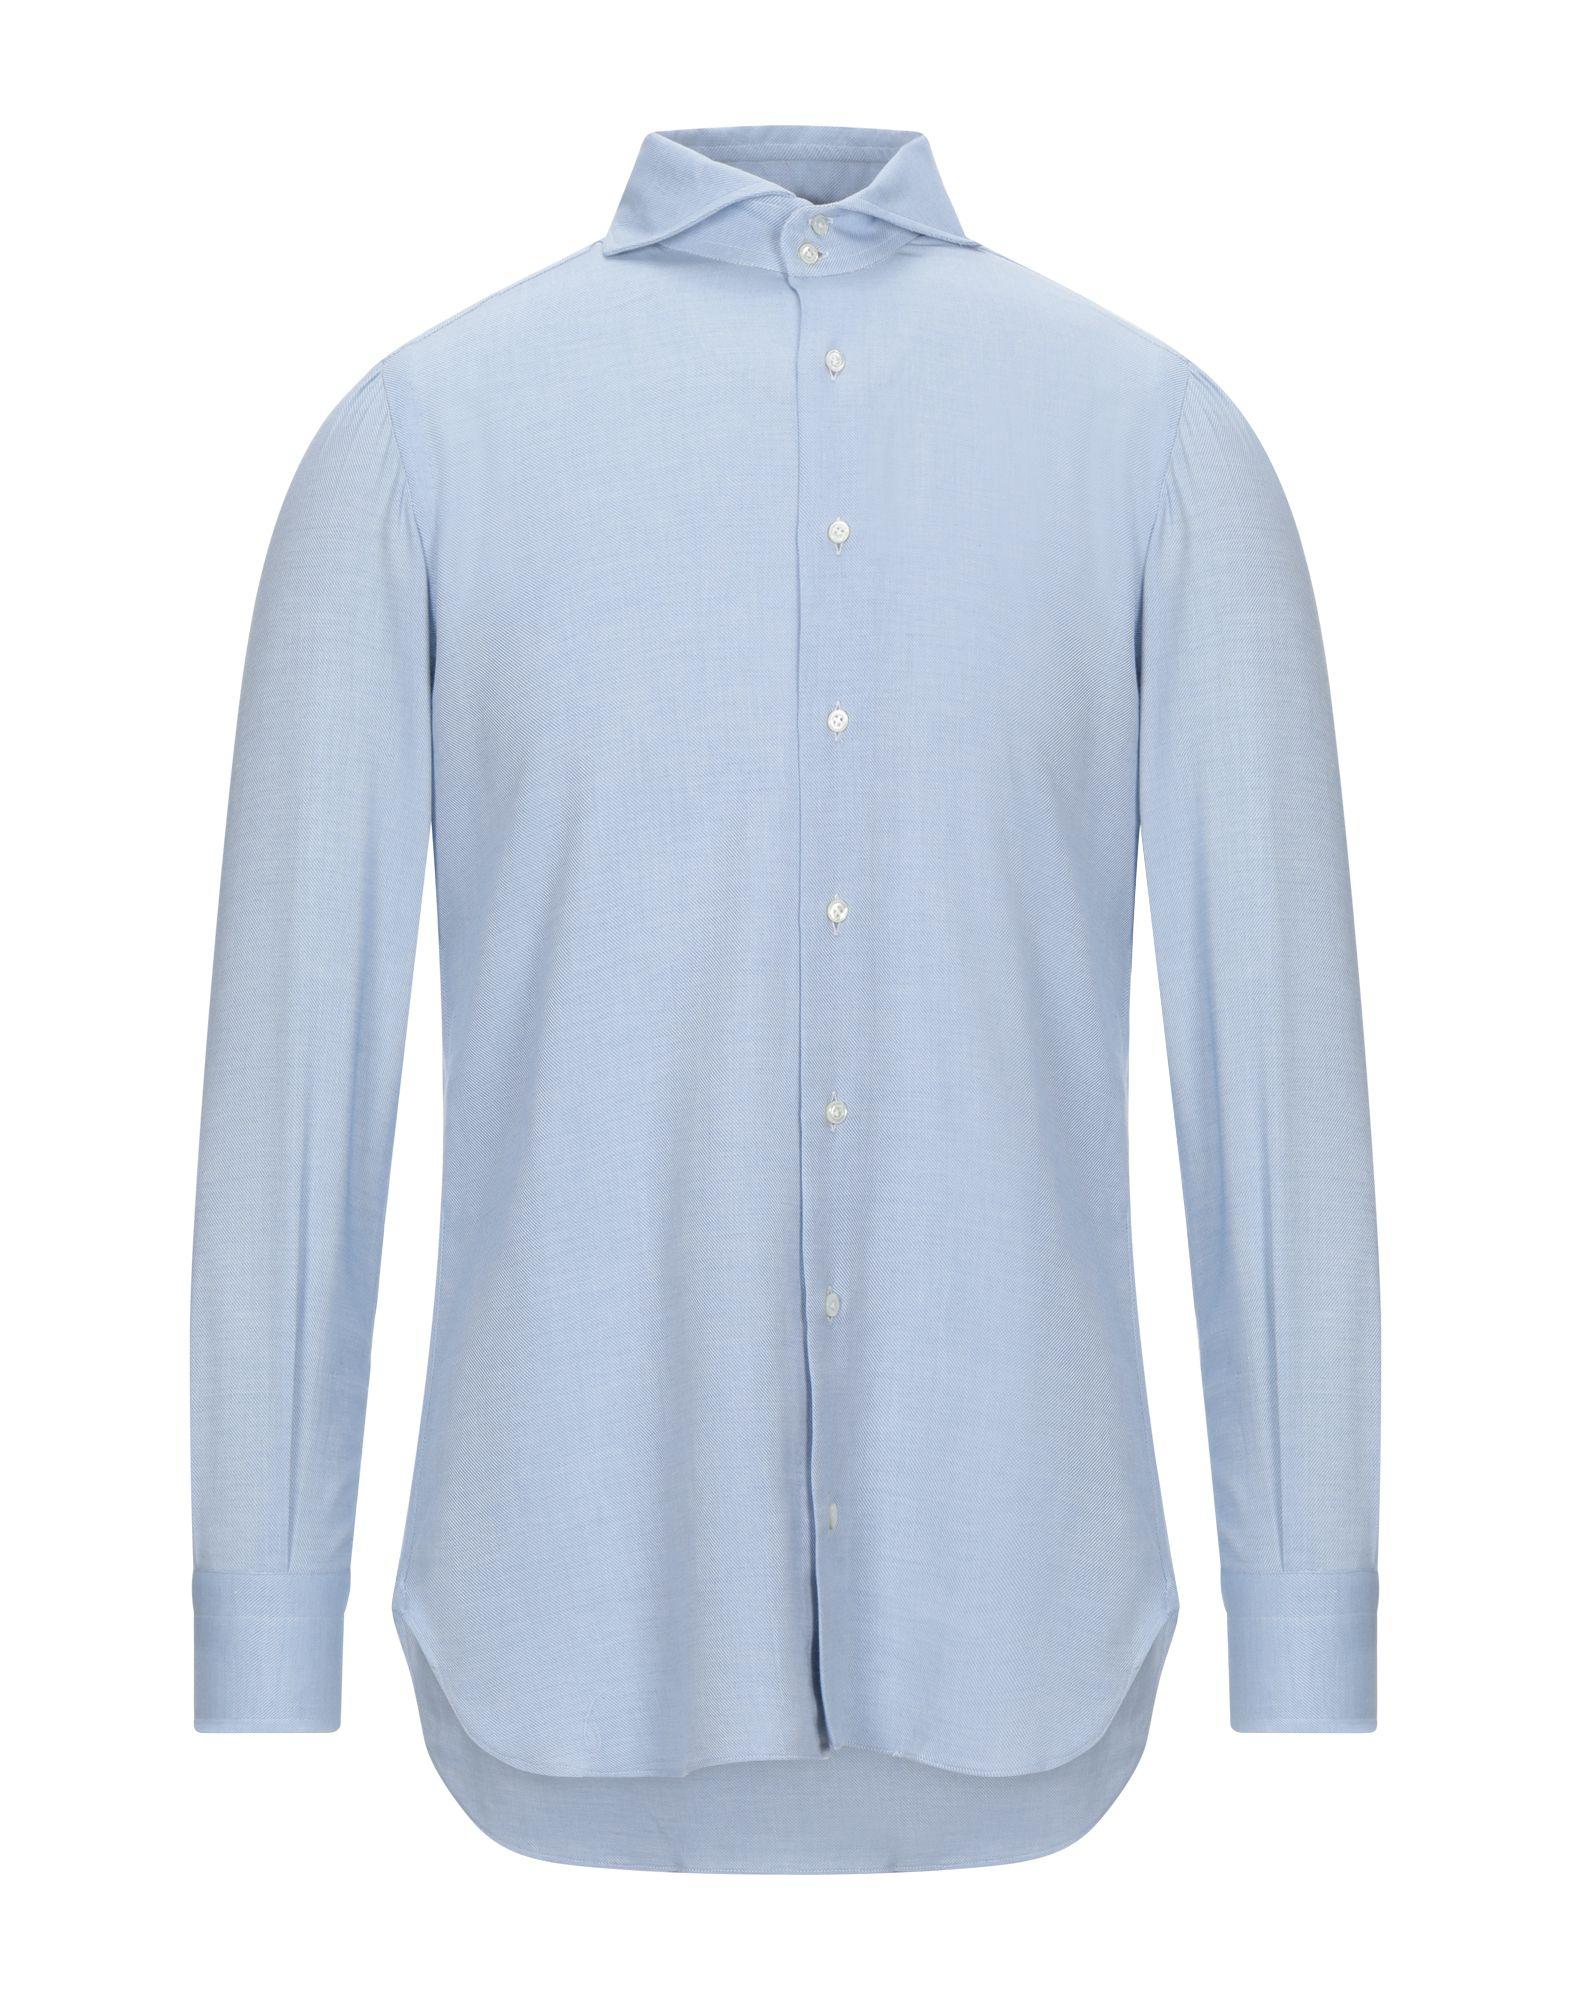 《セール開催中》STILE LATINO メンズ シャツ スカイブルー 39 コットン 85% / カシミヤ 15%